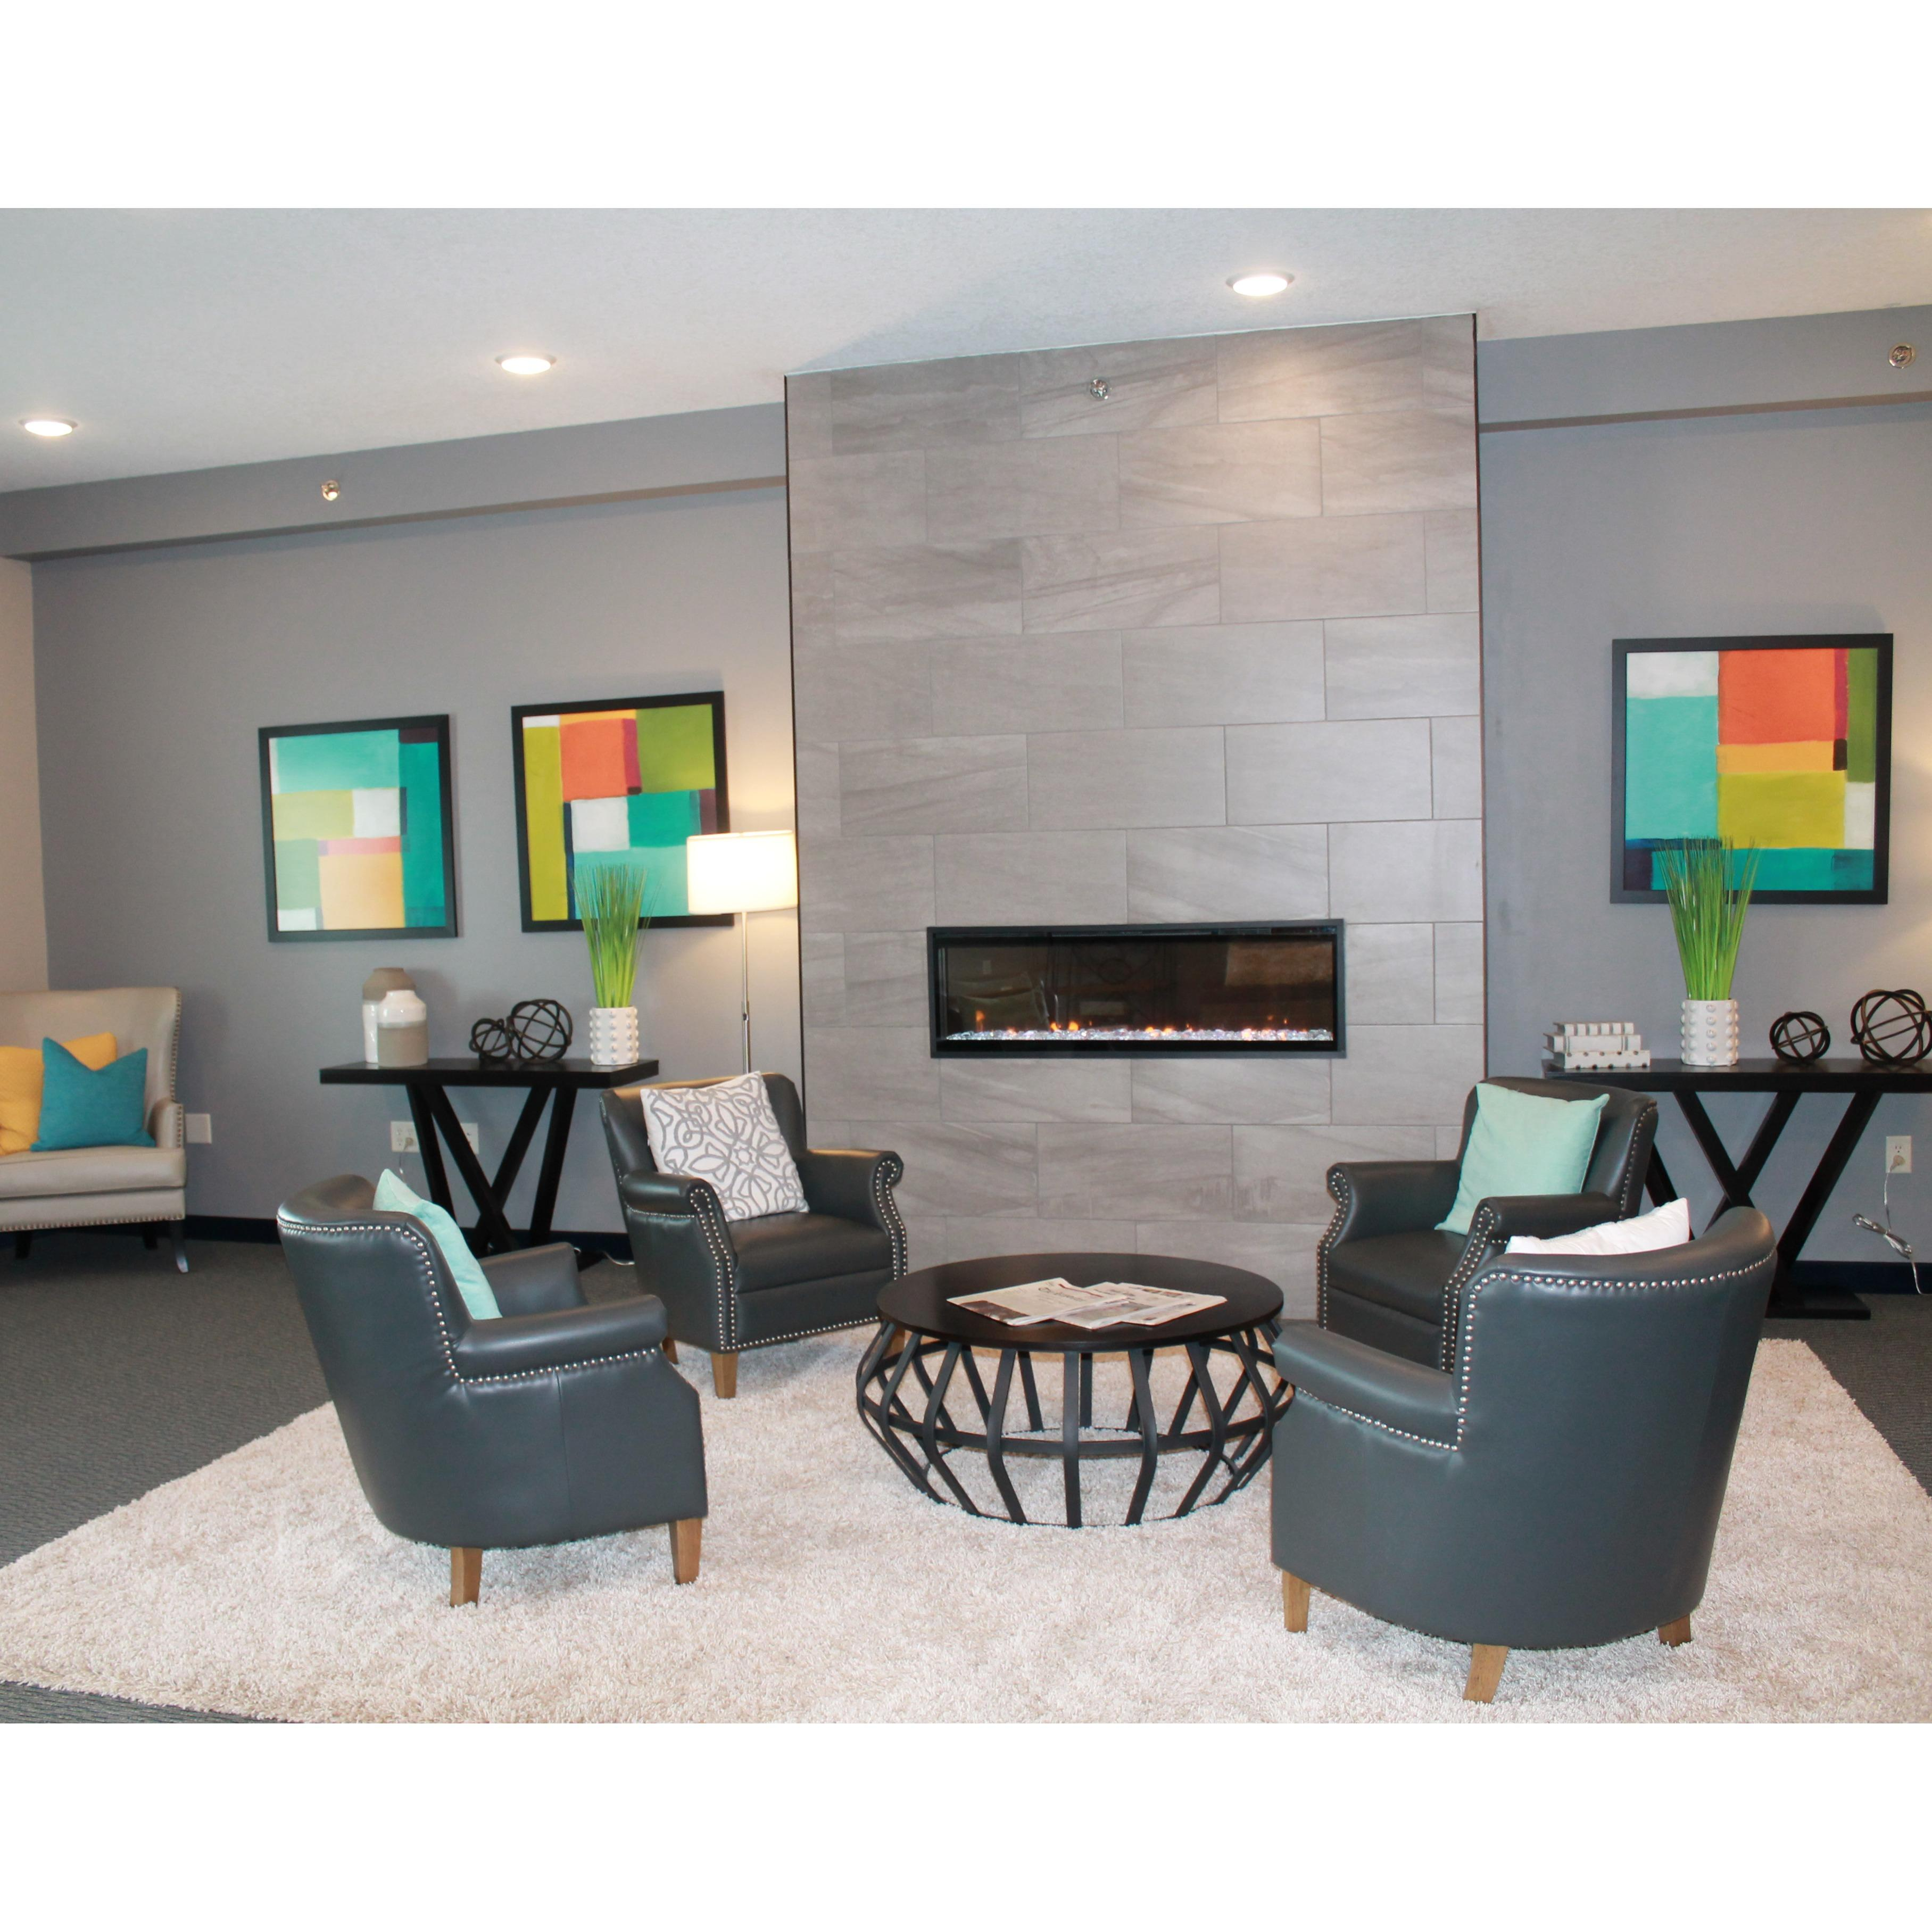 Brookstone Lodge & Suites image 8